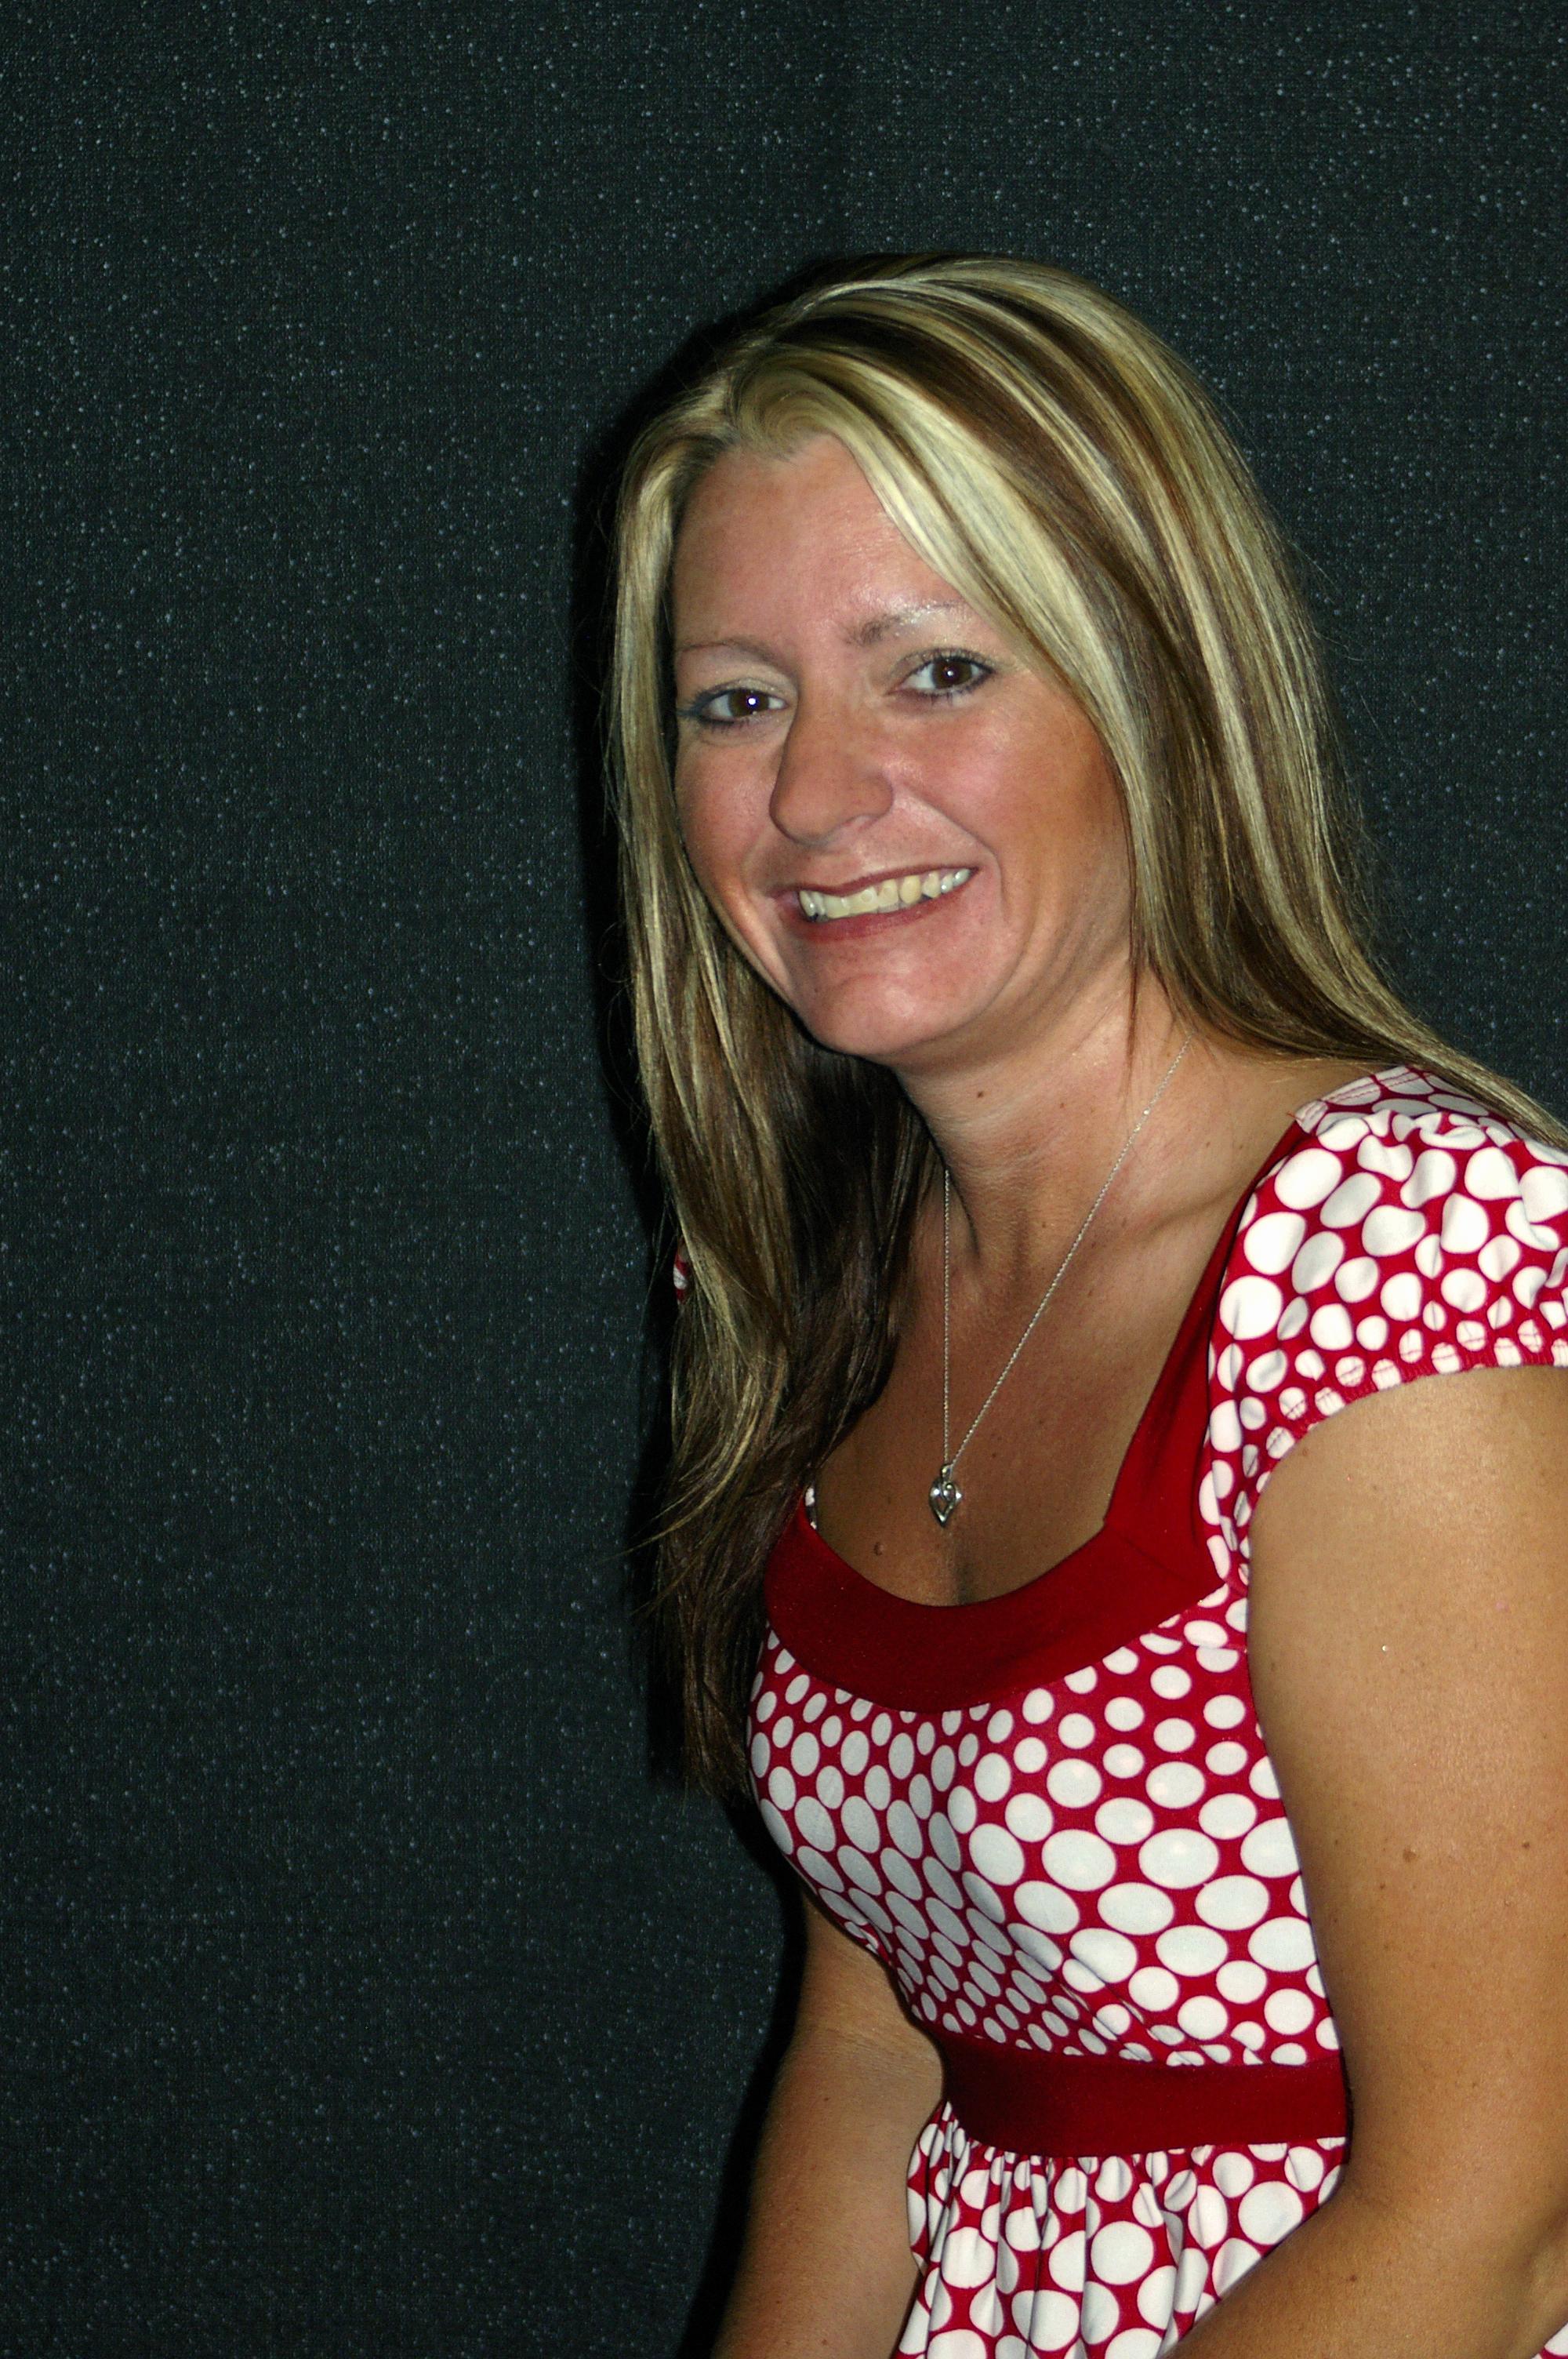 Michelle Hardin